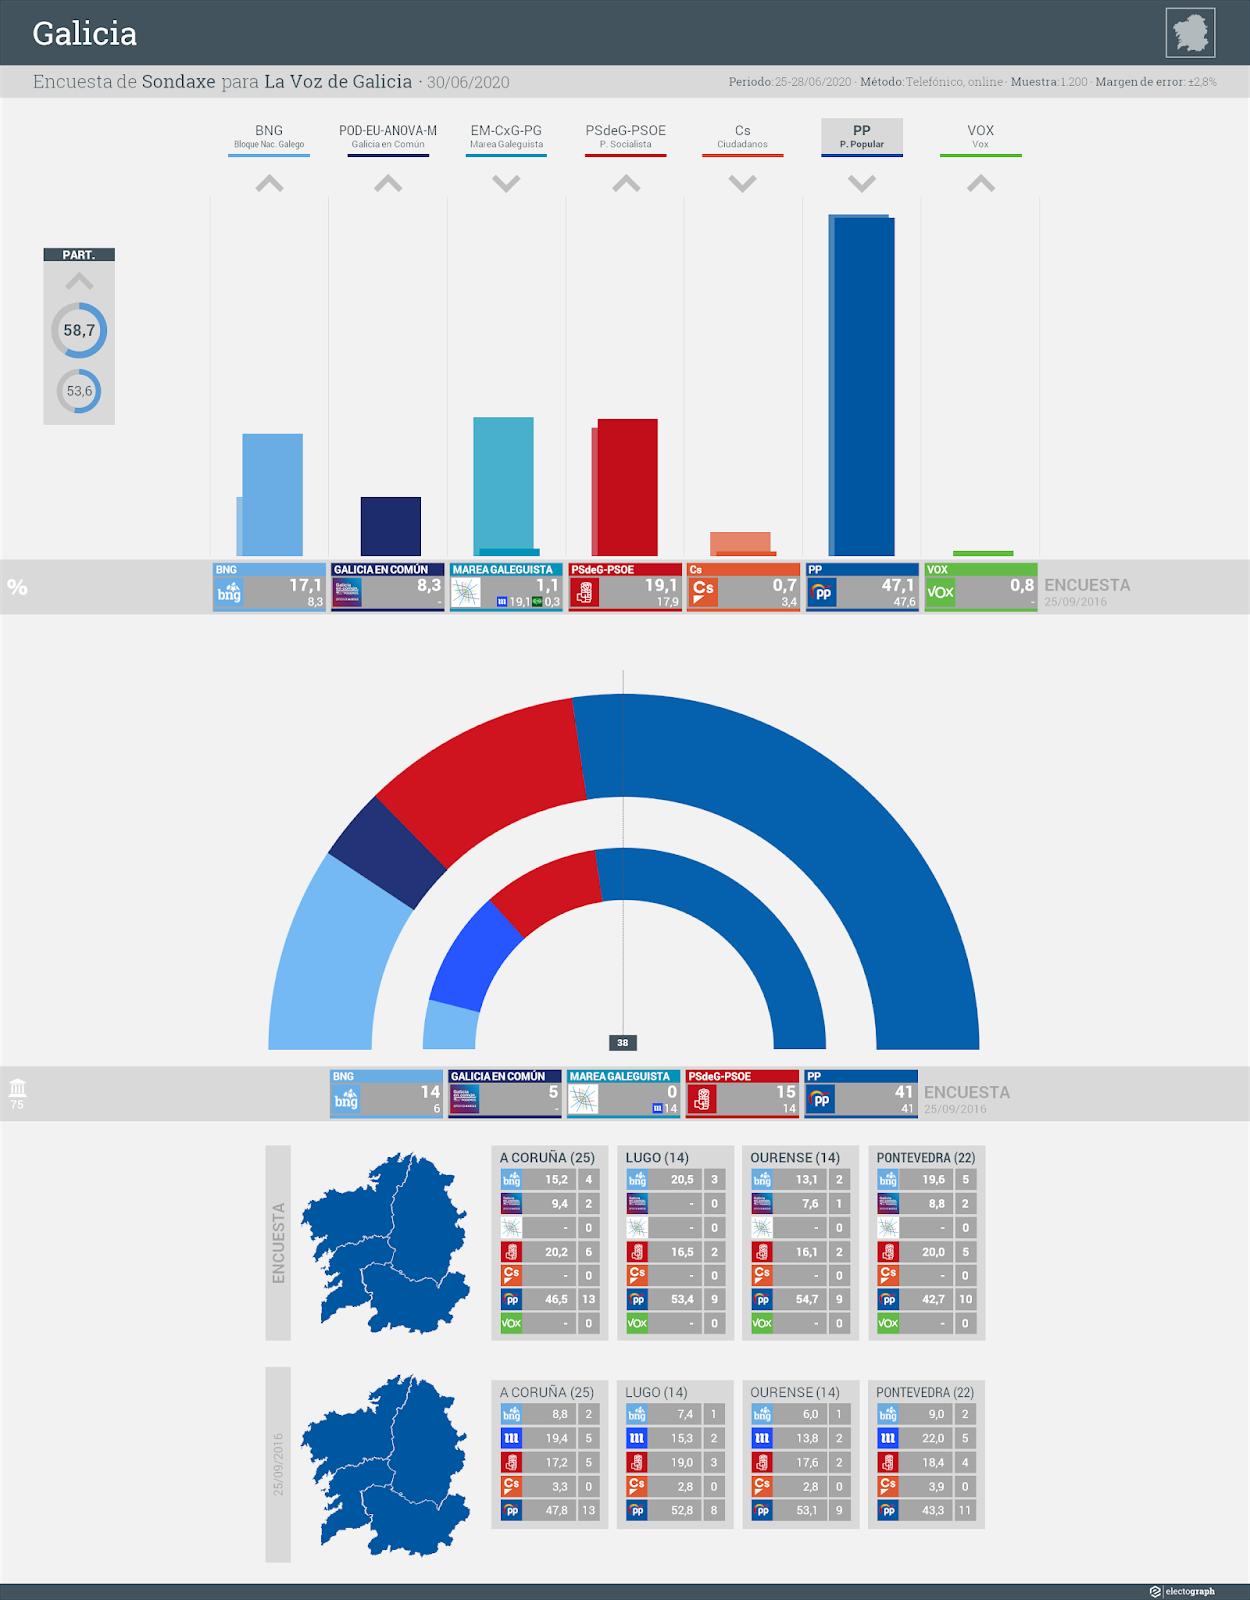 Gráfico de la encuesta para elecciones autonómicas en Galicia realizada por Sondaxe para La Voz de Galicia, 30 de junio de 2020